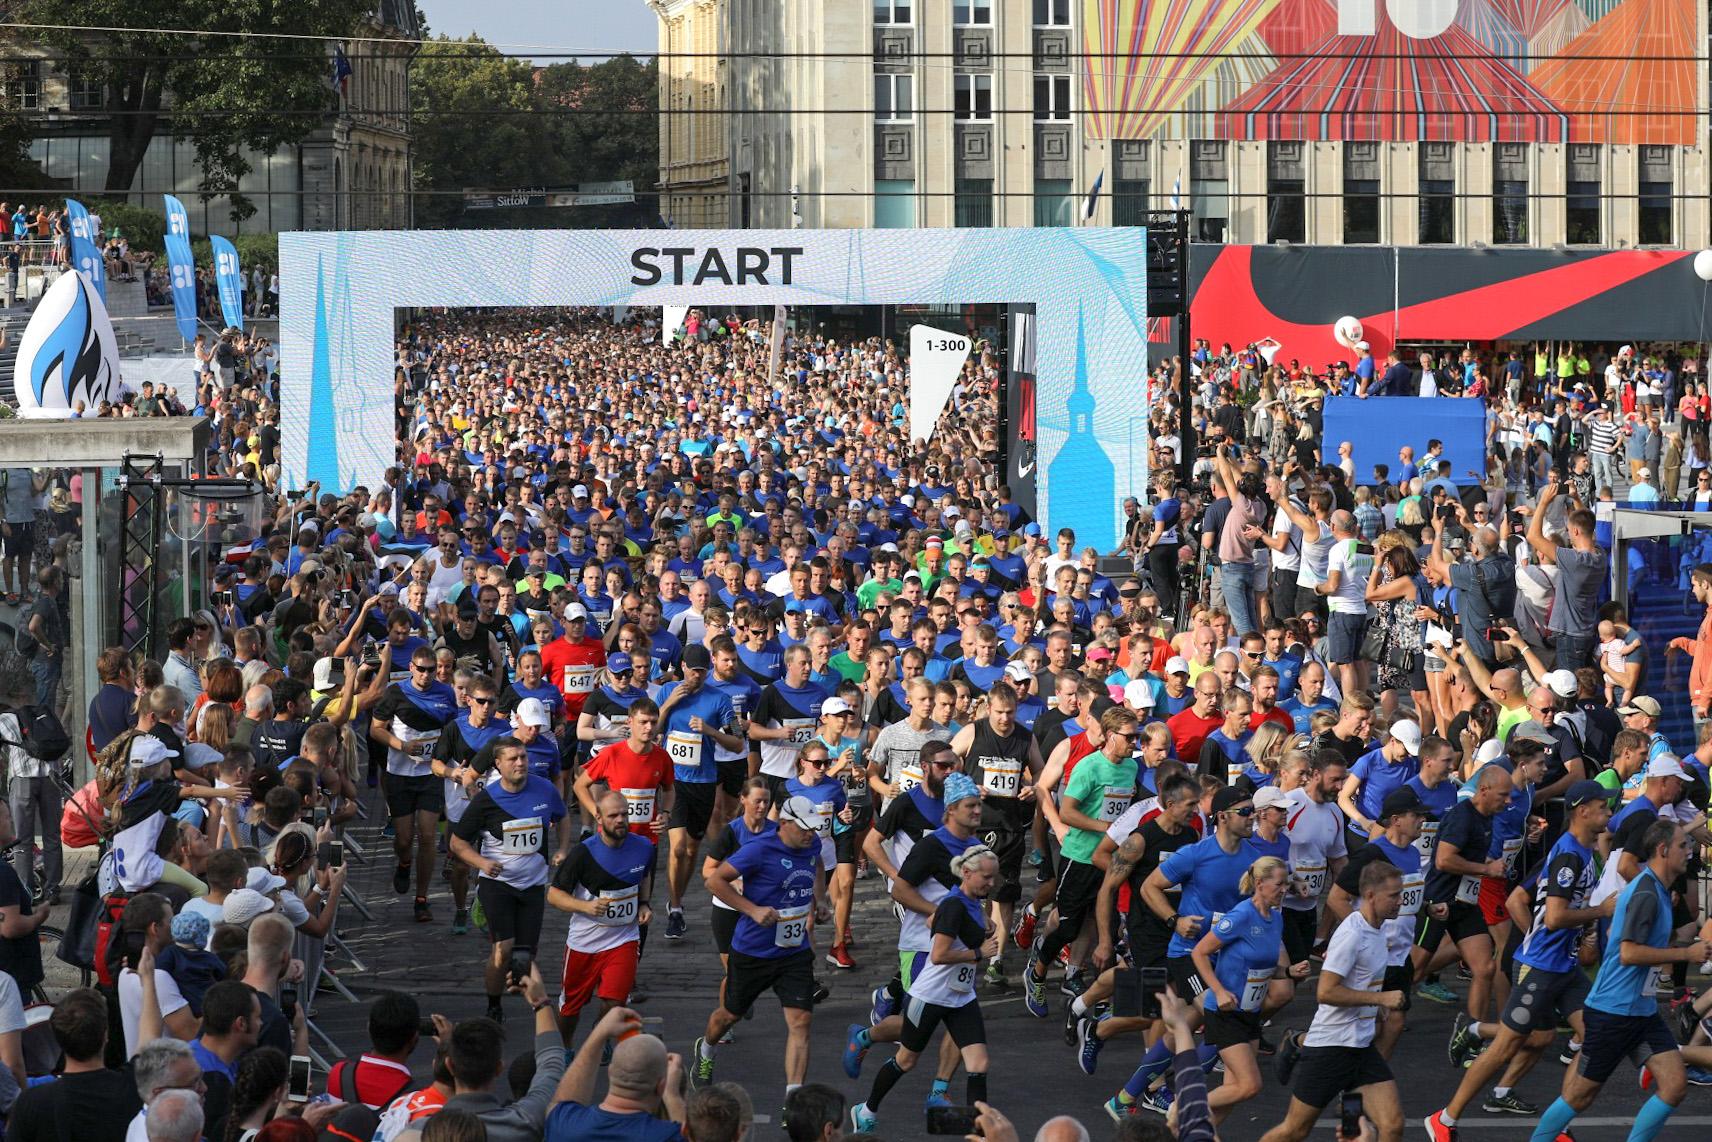 Tallinna Sügisjooksu start